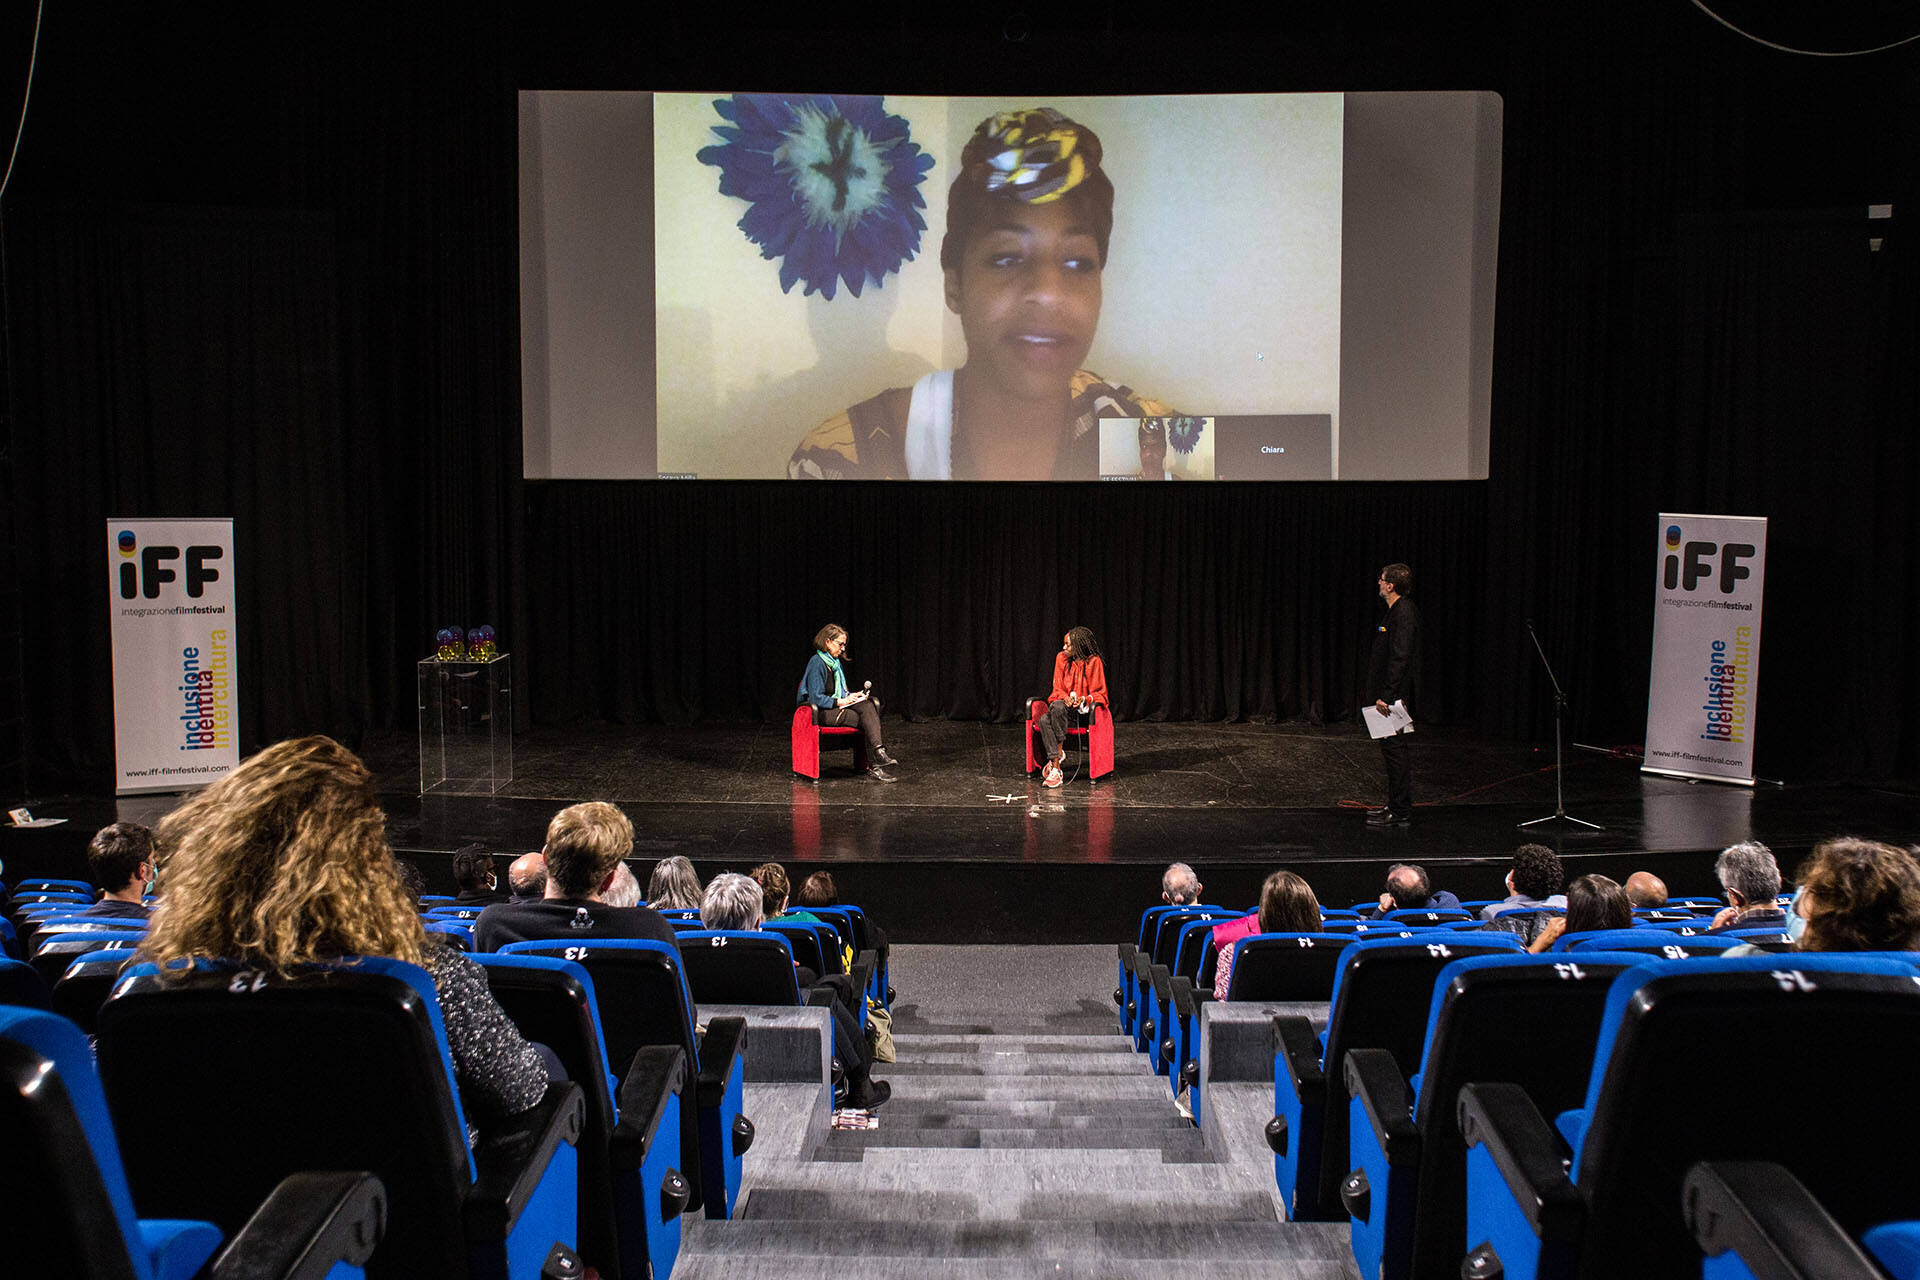 Confcooperative partner di IFF, il festival internazionale di cinema dedicato all'integrazione